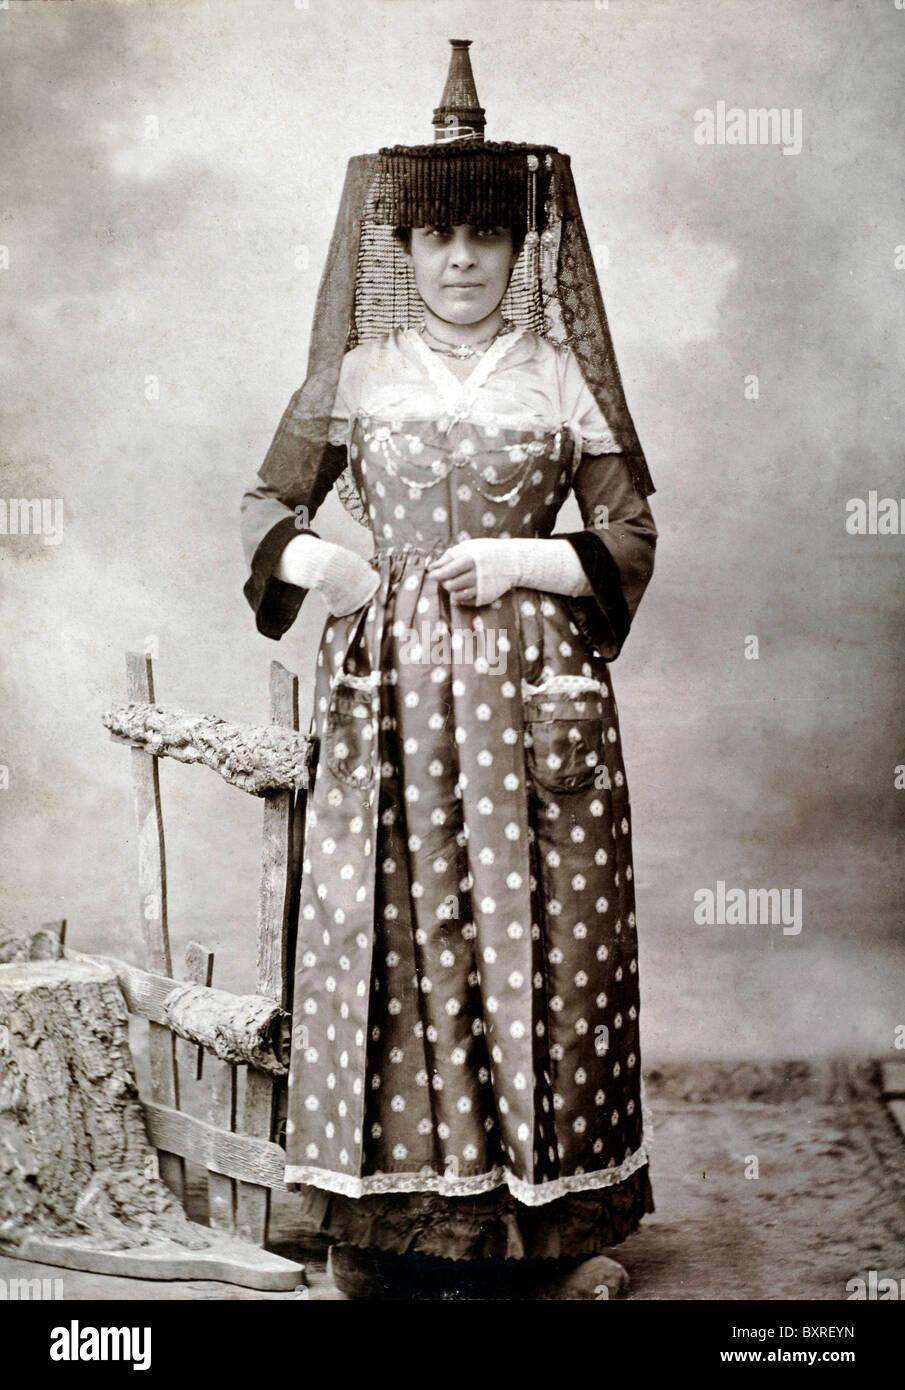 Donna francese nel folclore tradizionale o costume folkloristico da Mâcon, Borgogna, Francia centrale (c1900) Immagini Stock